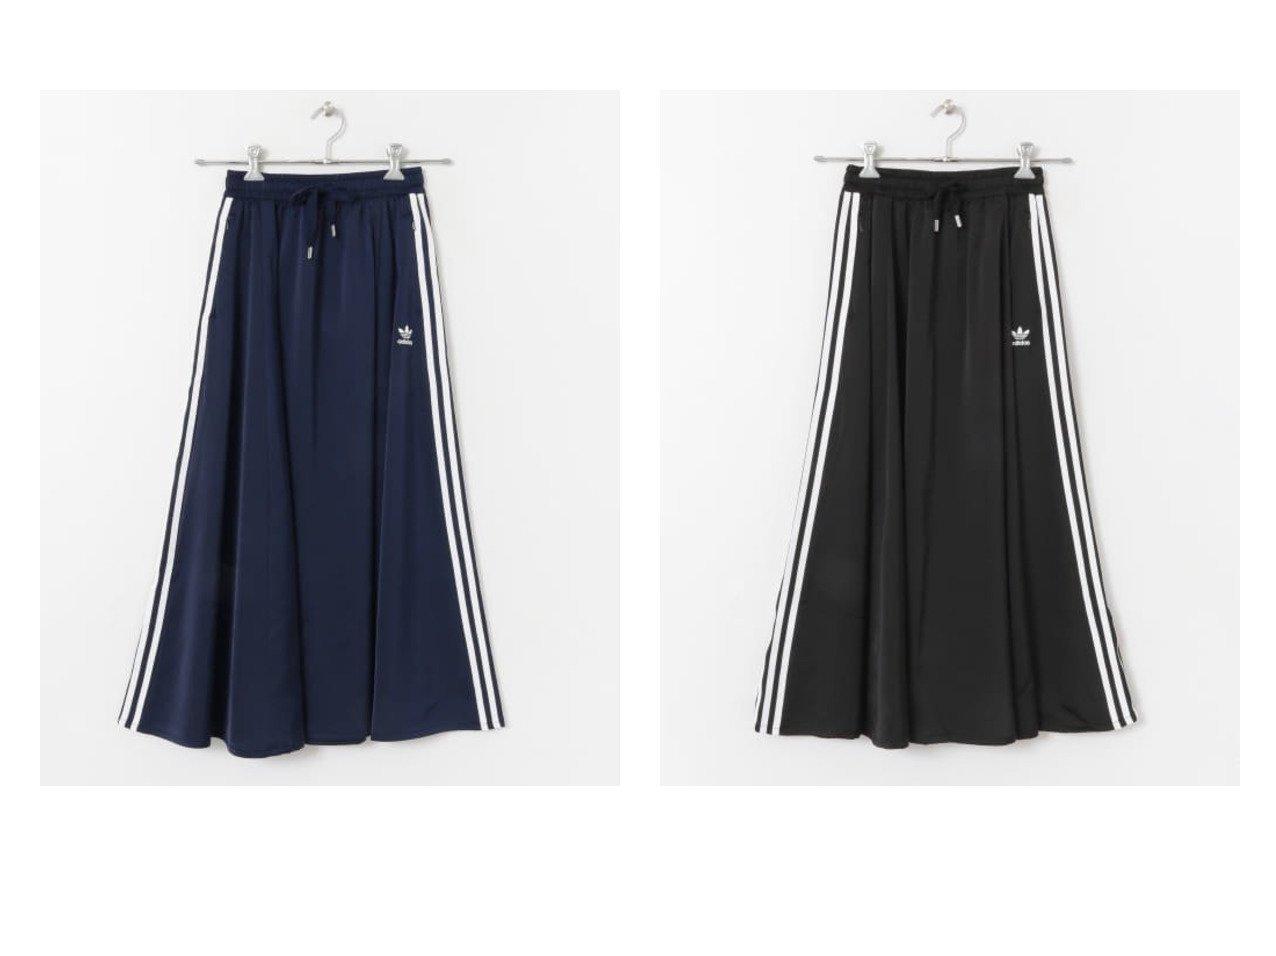 【Sonny Label / URBAN RESEARCH/サニーレーベル】のadidas ORIW LONG SATIN SKIRT adidasのおすすめ!人気、トレンド・レディースファッションの通販 おすすめで人気の流行・トレンド、ファッションの通販商品 メンズファッション・キッズファッション・インテリア・家具・レディースファッション・服の通販 founy(ファニー) https://founy.com/ ファッション Fashion レディースファッション WOMEN スカート Skirt Aライン/フレアスカート Flared A-Line Skirts エレガント ギャザー サテン ストレッチ スポーツ ドレープ フェミニン フレア |ID:crp329100000018234